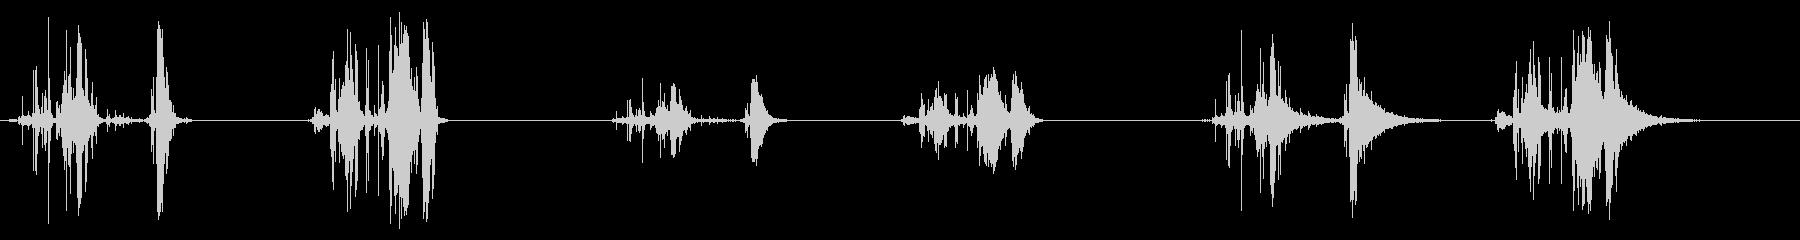 ウッドピックアップインサイド-2 ...の未再生の波形